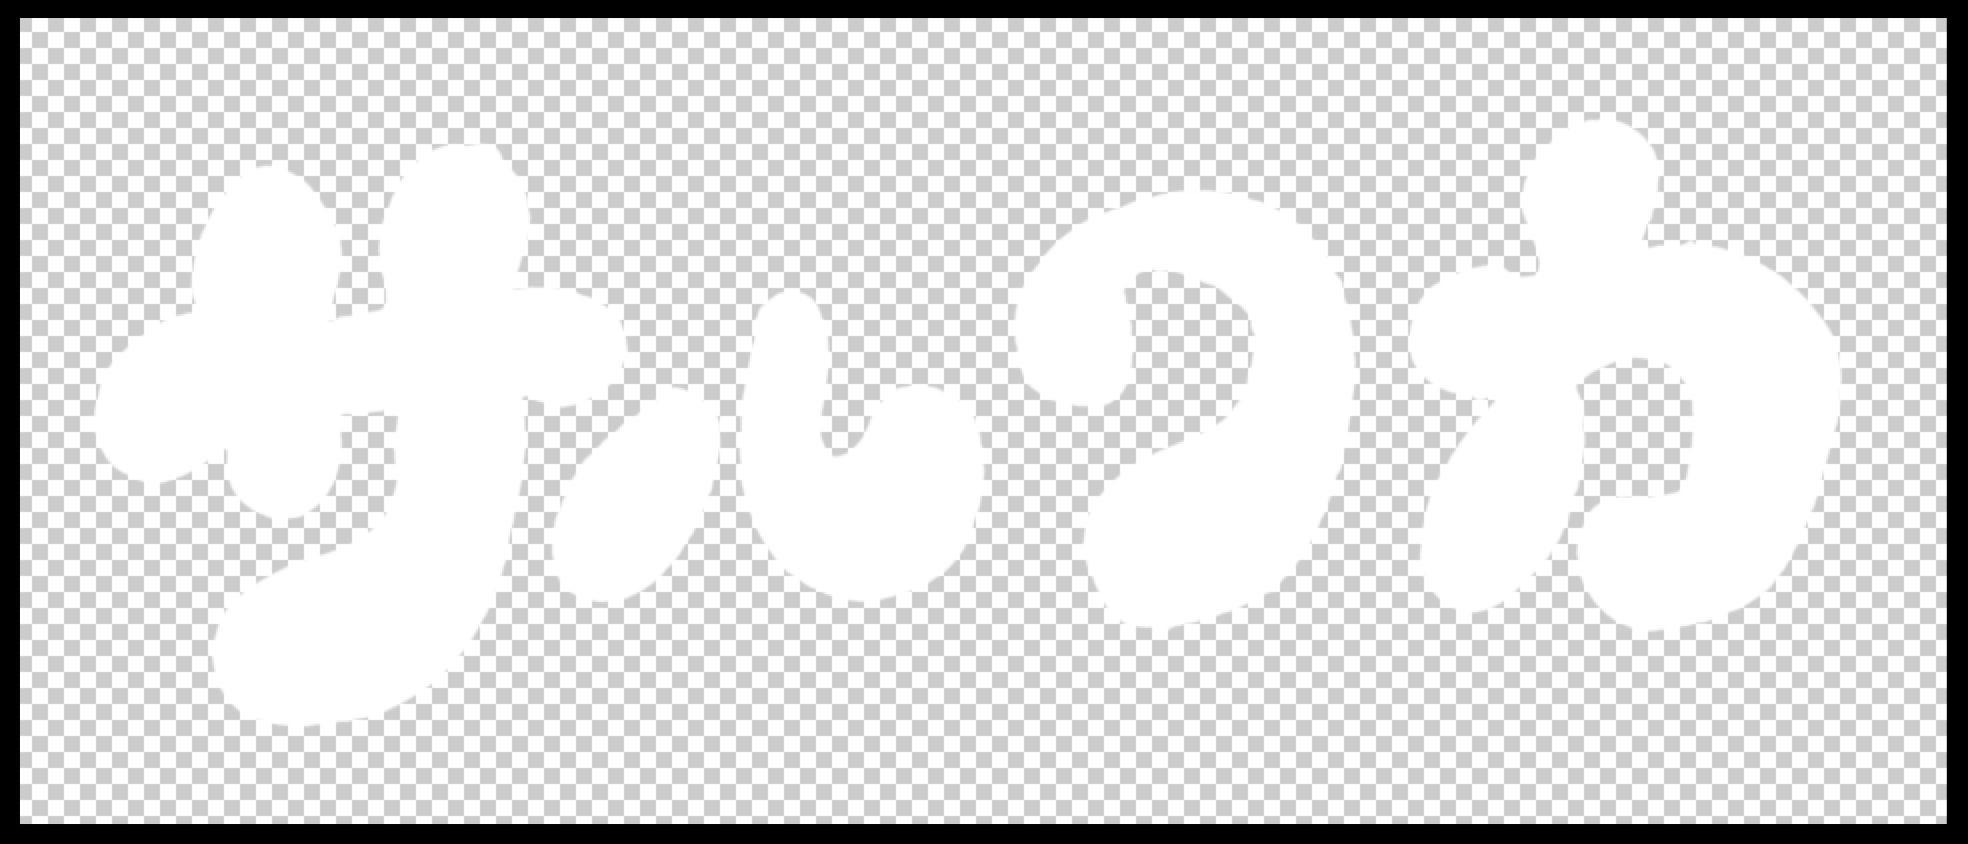 白色の文字が完成